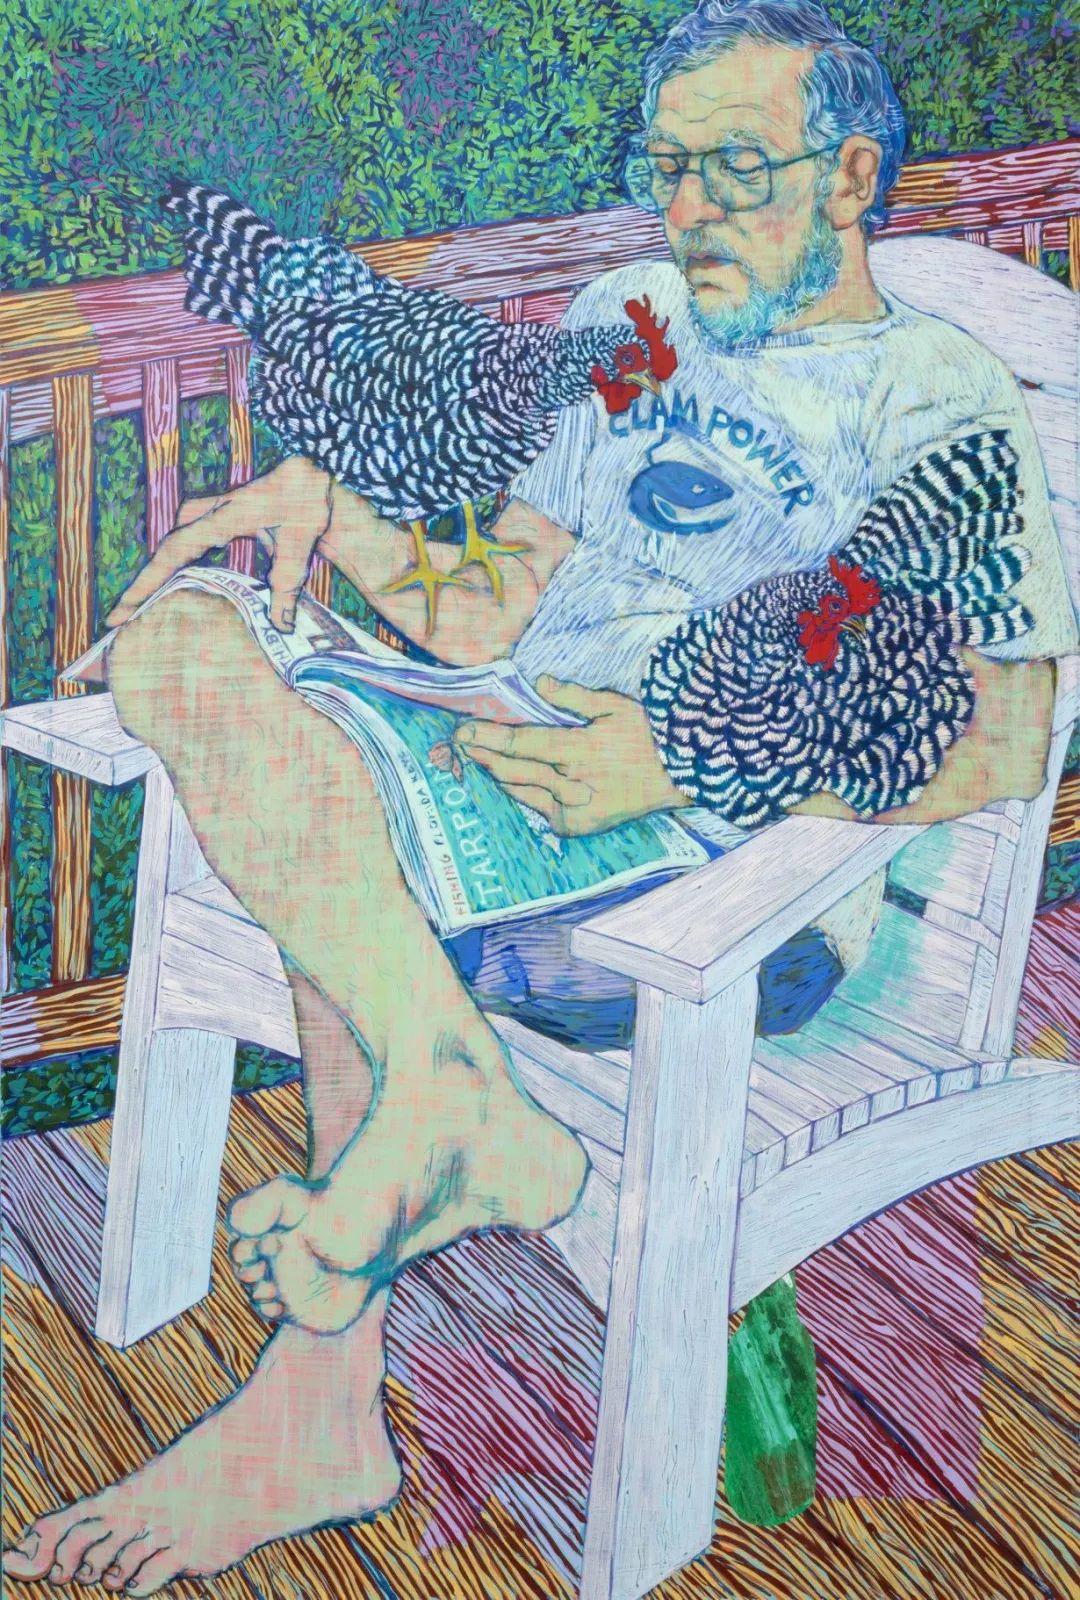 用平静的笔触描绘强烈的感情,美国艺术家Hope Gangloff作品选插图35